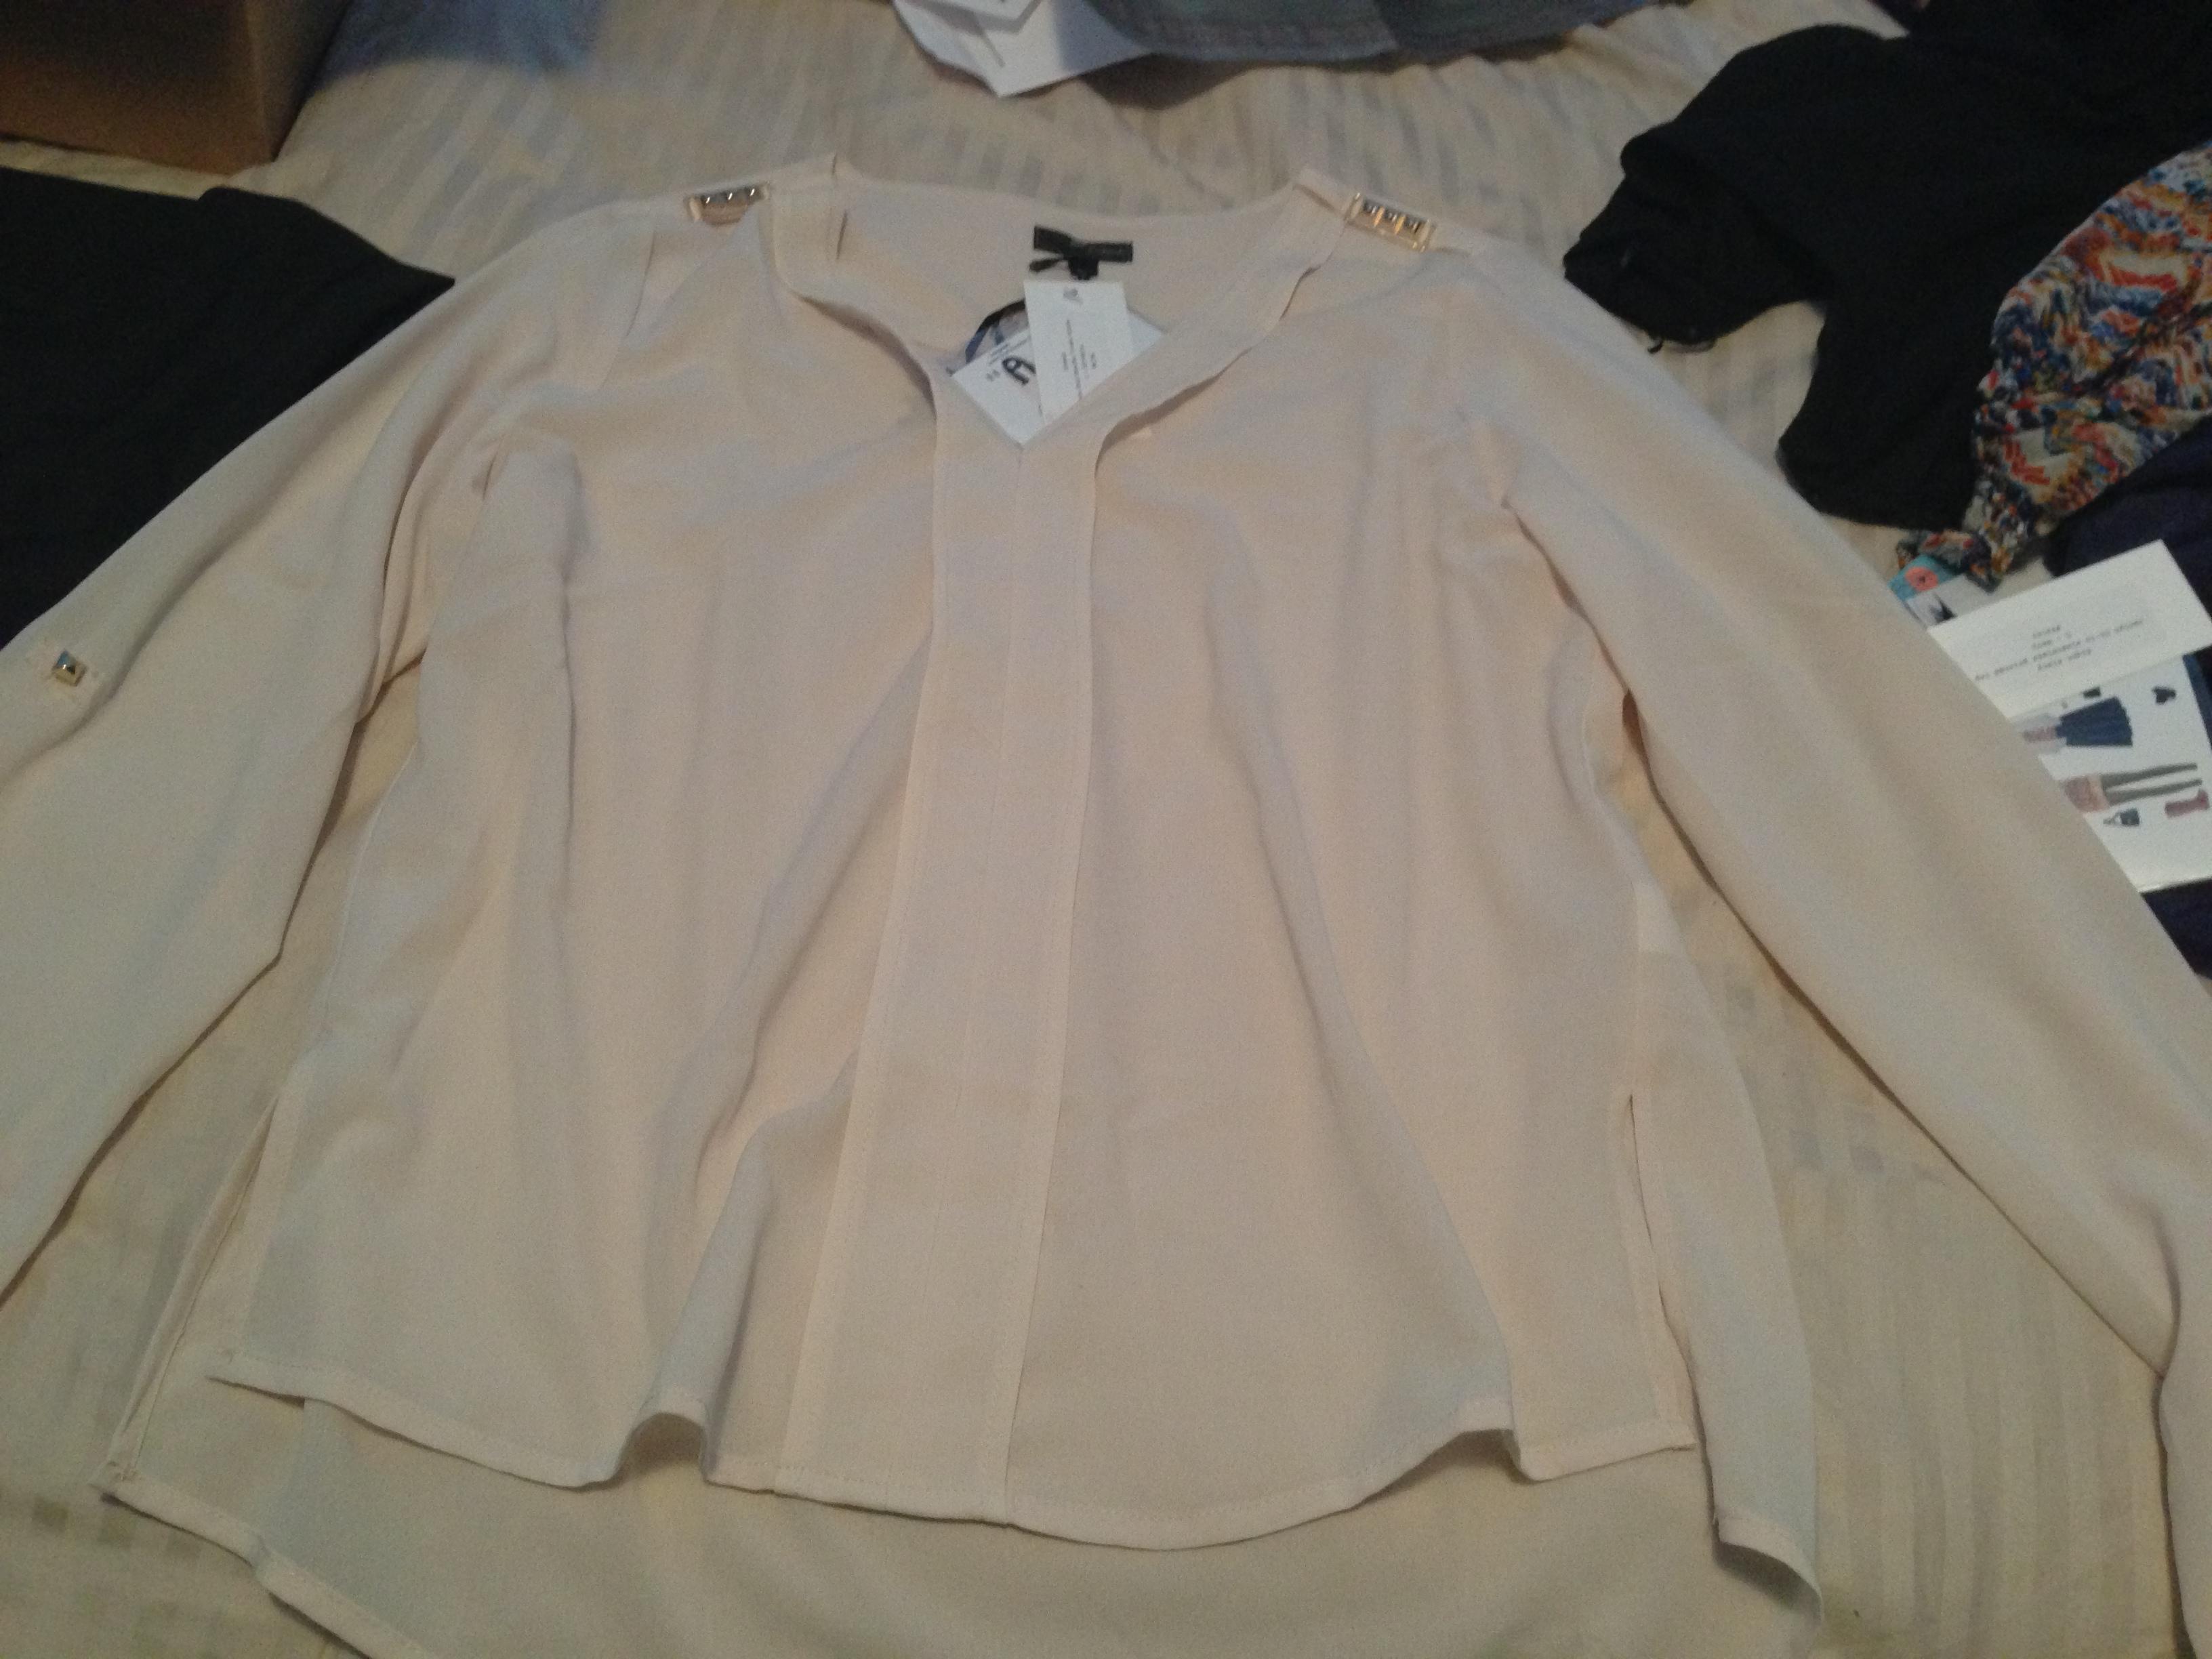 Lovposh Lexie Stud Shoulder V-Neck Blouse, $58.00